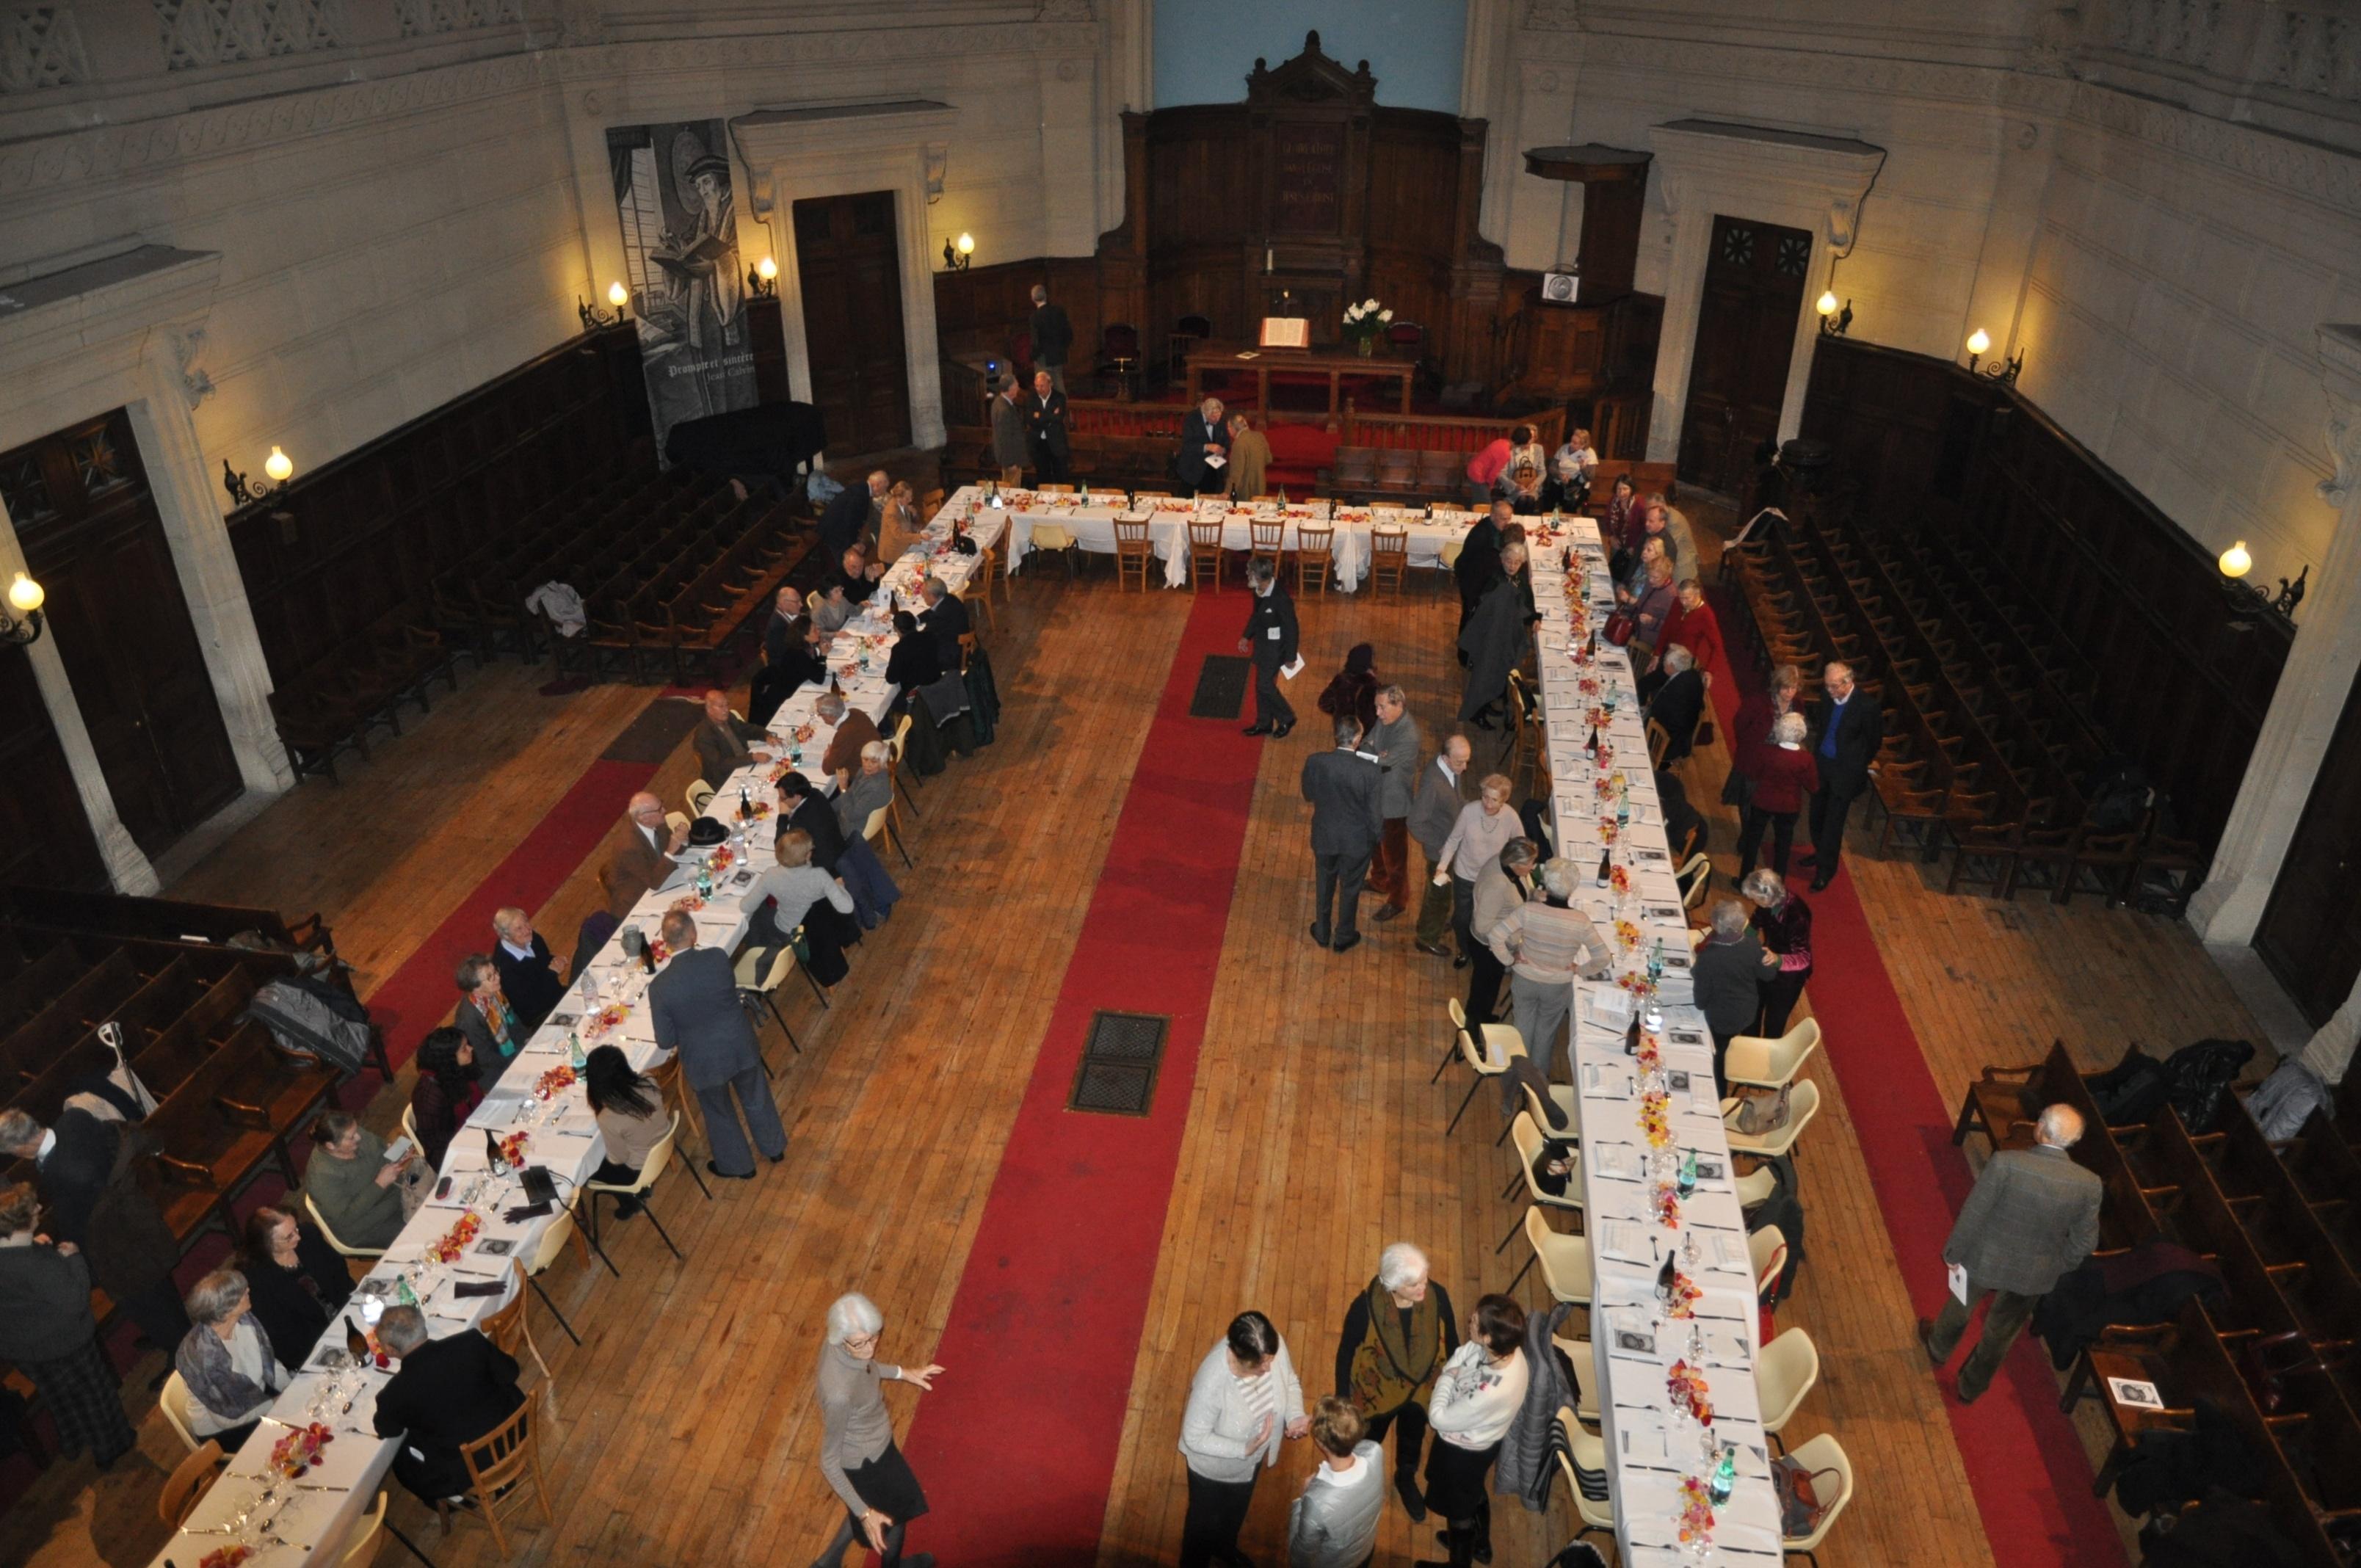 Le banquet pour les 500 ans de la Réforme